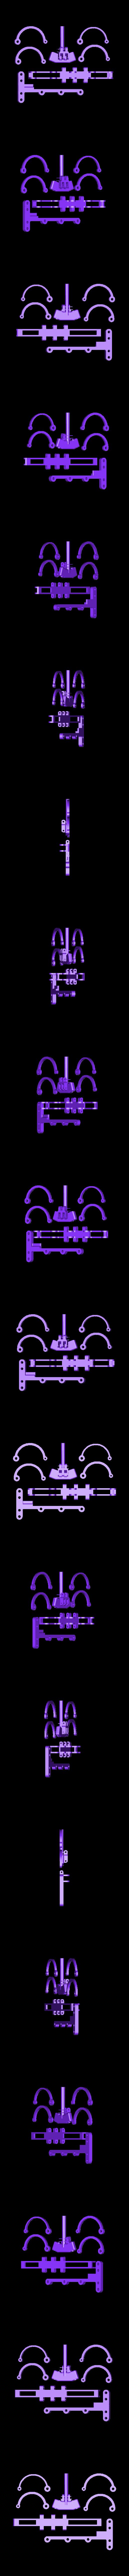 Parts_Set_for_Variants.stl Télécharger fichier STL gratuit Botte de puces. (Блоха механическая) • Plan à imprimer en 3D, SiberK